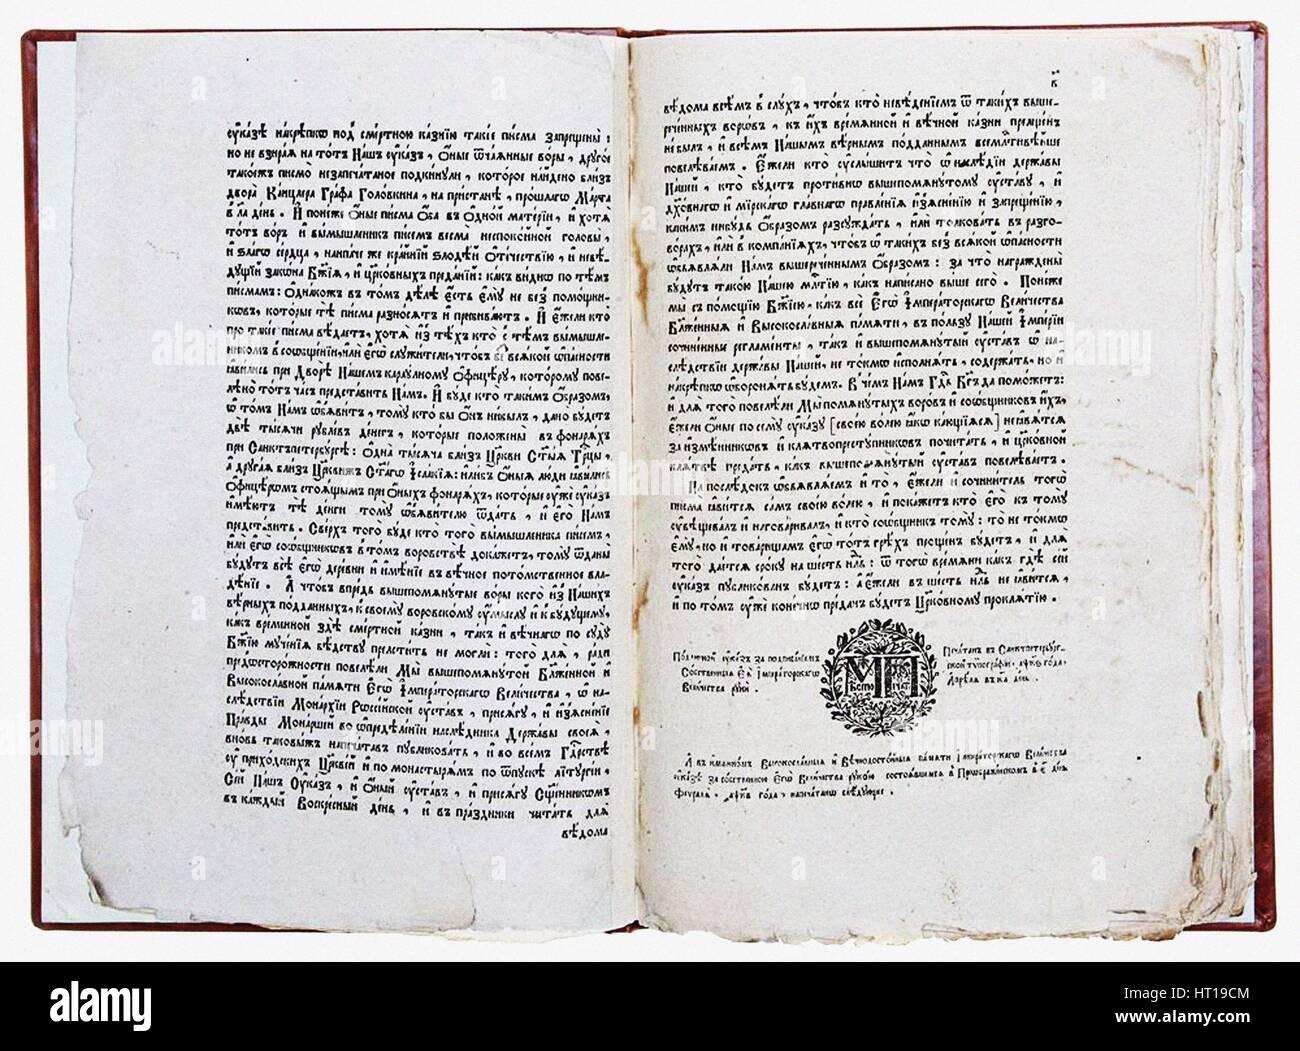 Double page de Theophan Prokopovitch's treatise vérité sur la volonté du monarque, 1722. Artiste: Photo Stock